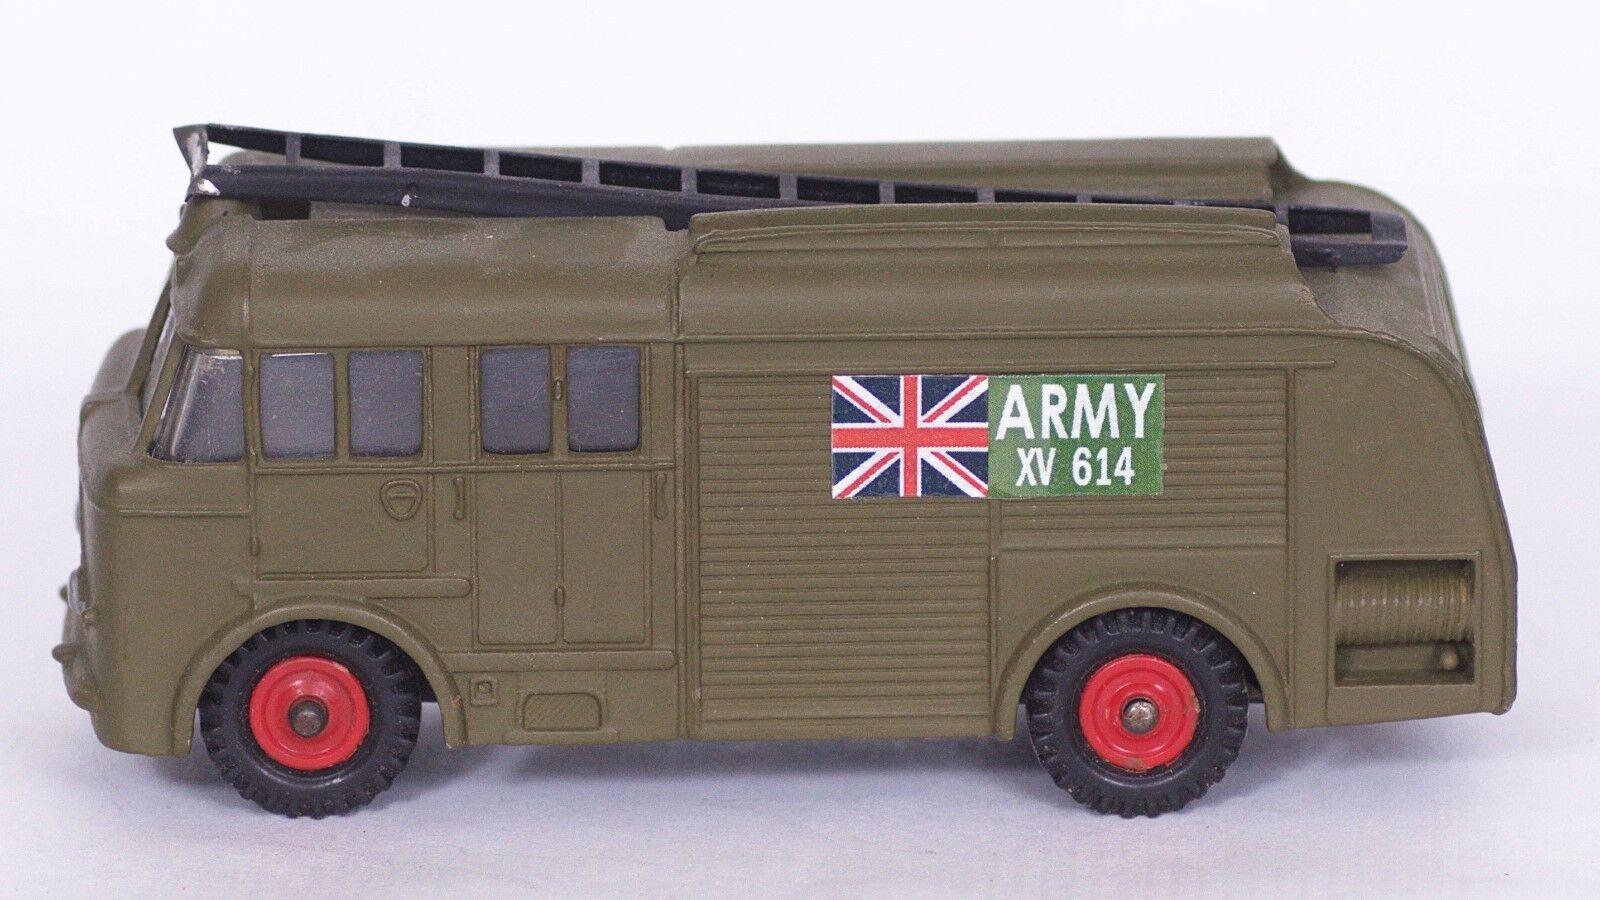 descuento de ventas en línea Dinky Juguetes    Army  Fire Engine  embalaje original  1 43  código 3  única  venta directa de fábrica